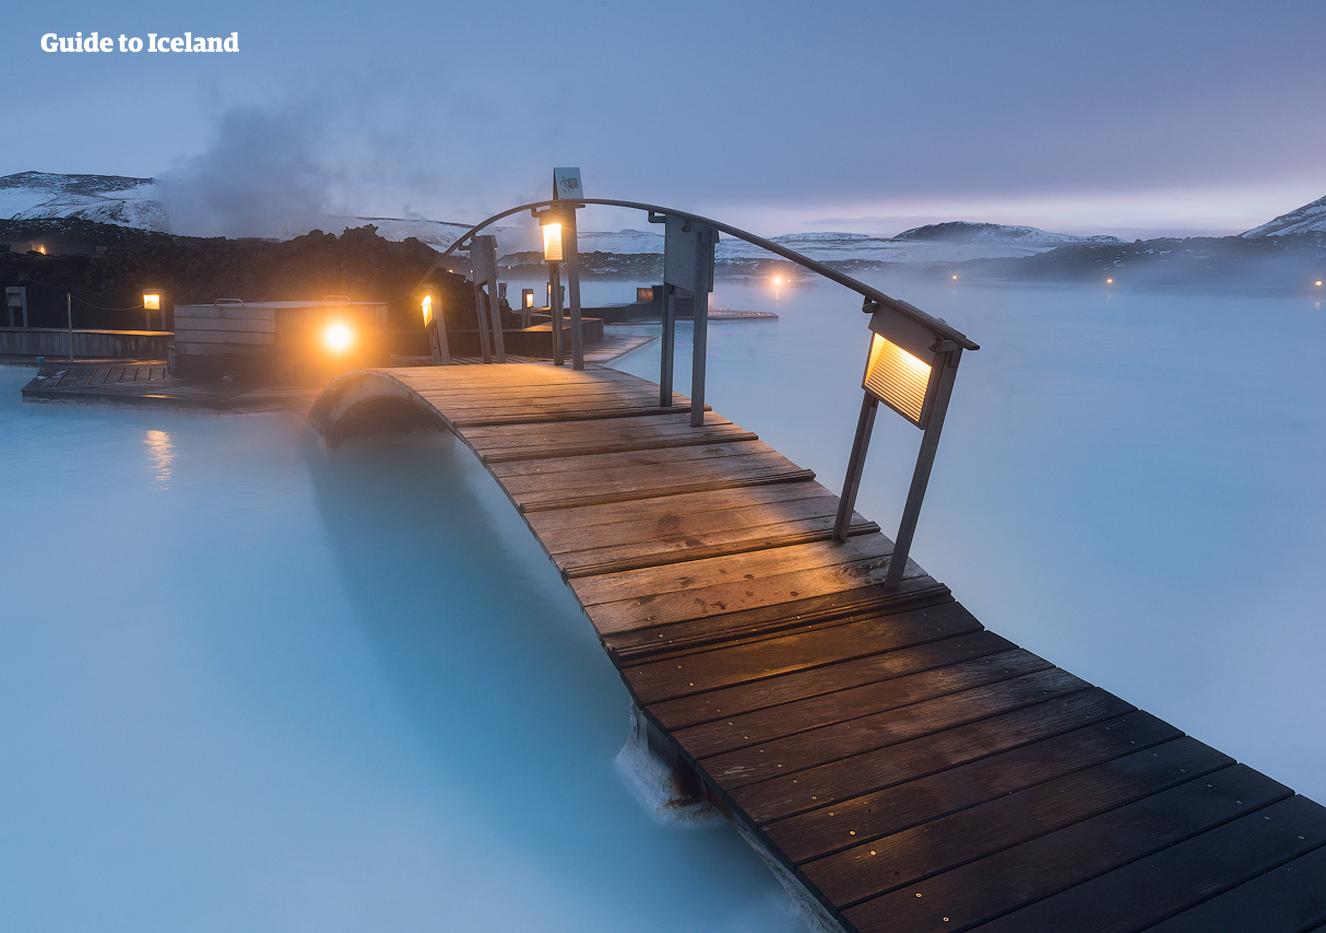 Een bezoek aan de Blue Lagoon is zowel stimulerend als ontspannend